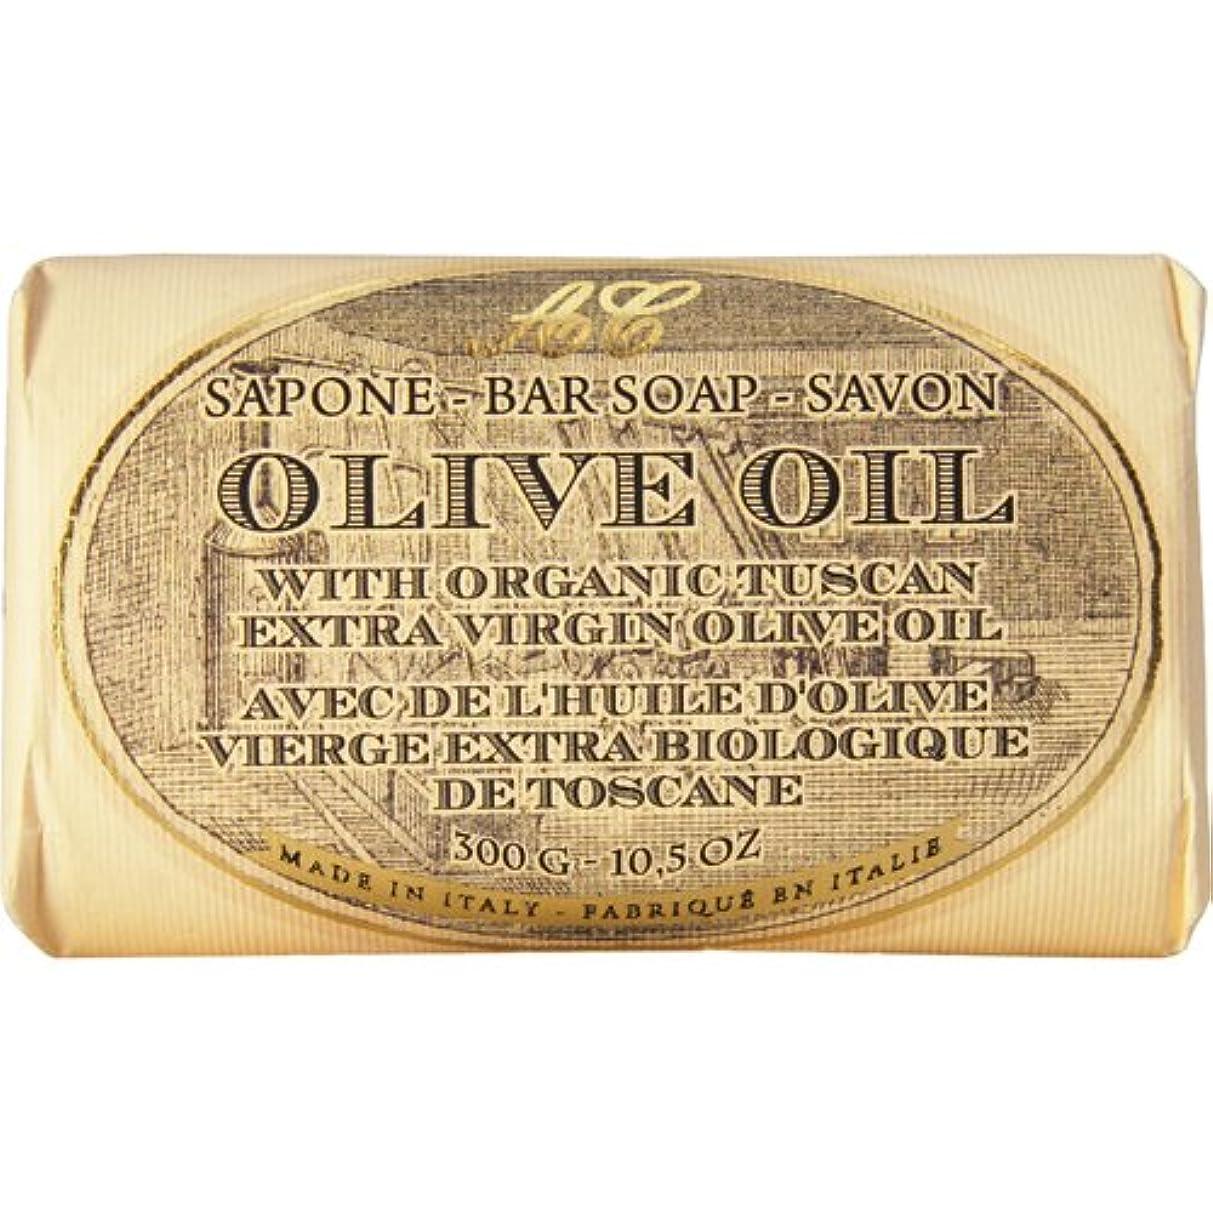 ガラススマート必要Saponerire Fissi レトロシリーズ Bar Soap バーソープ 300g Olive Oil オリーブオイル